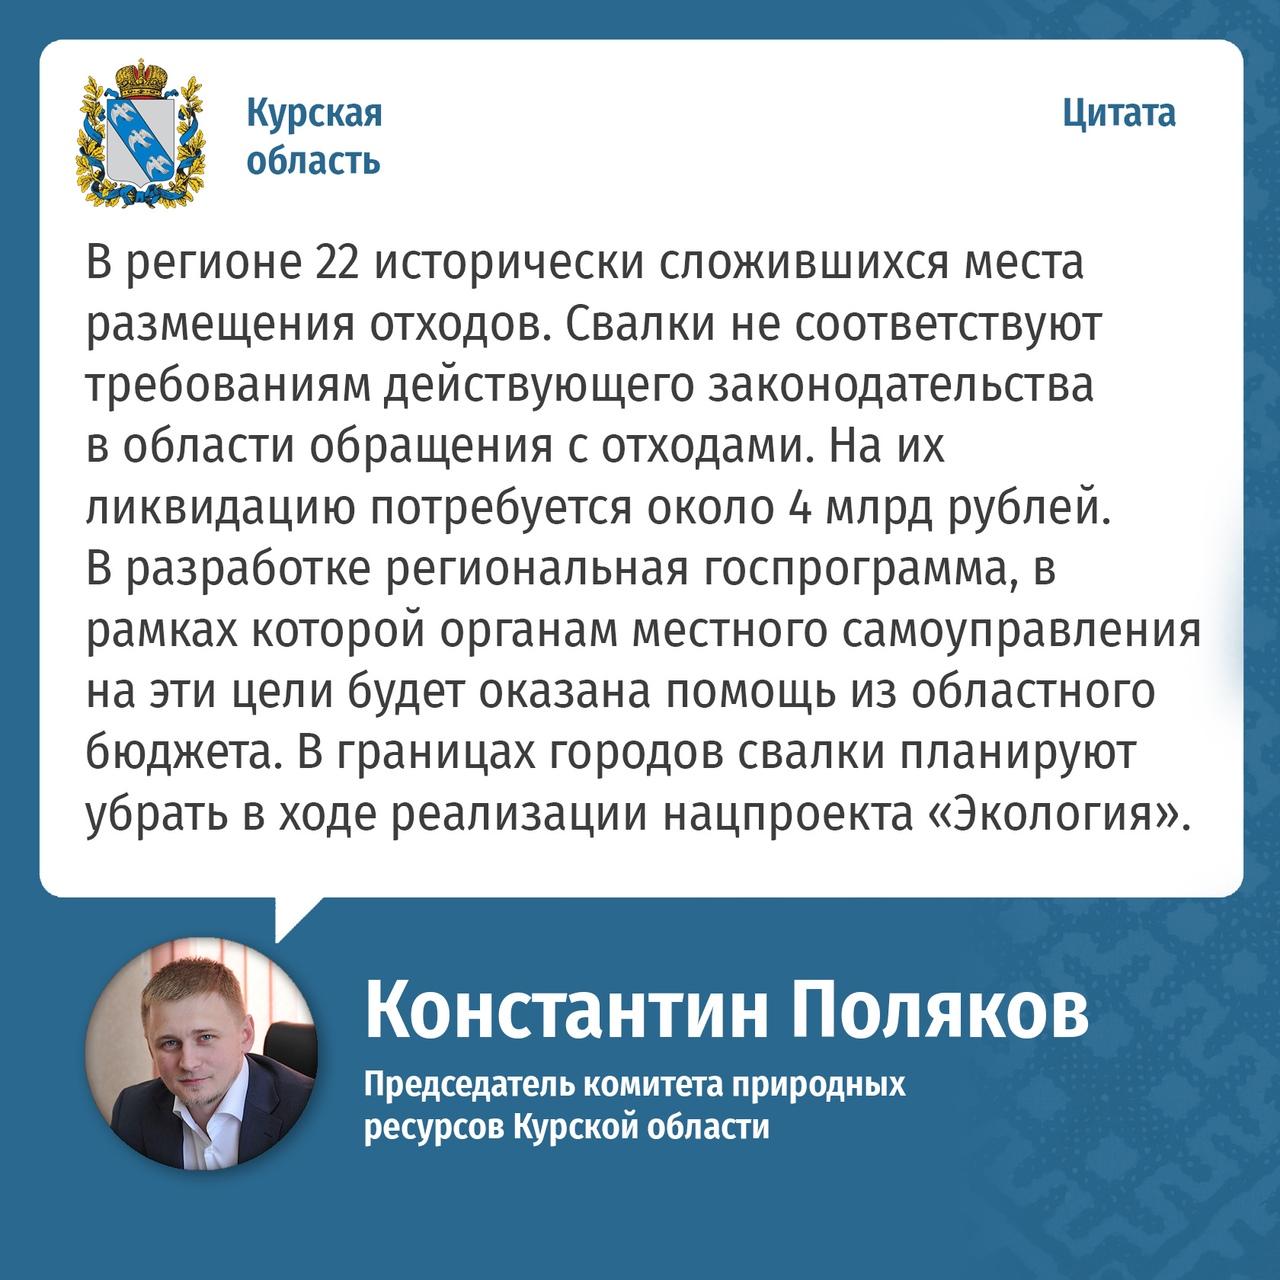 В Курской области ликвидируют 22 исторически сложившихся свалки